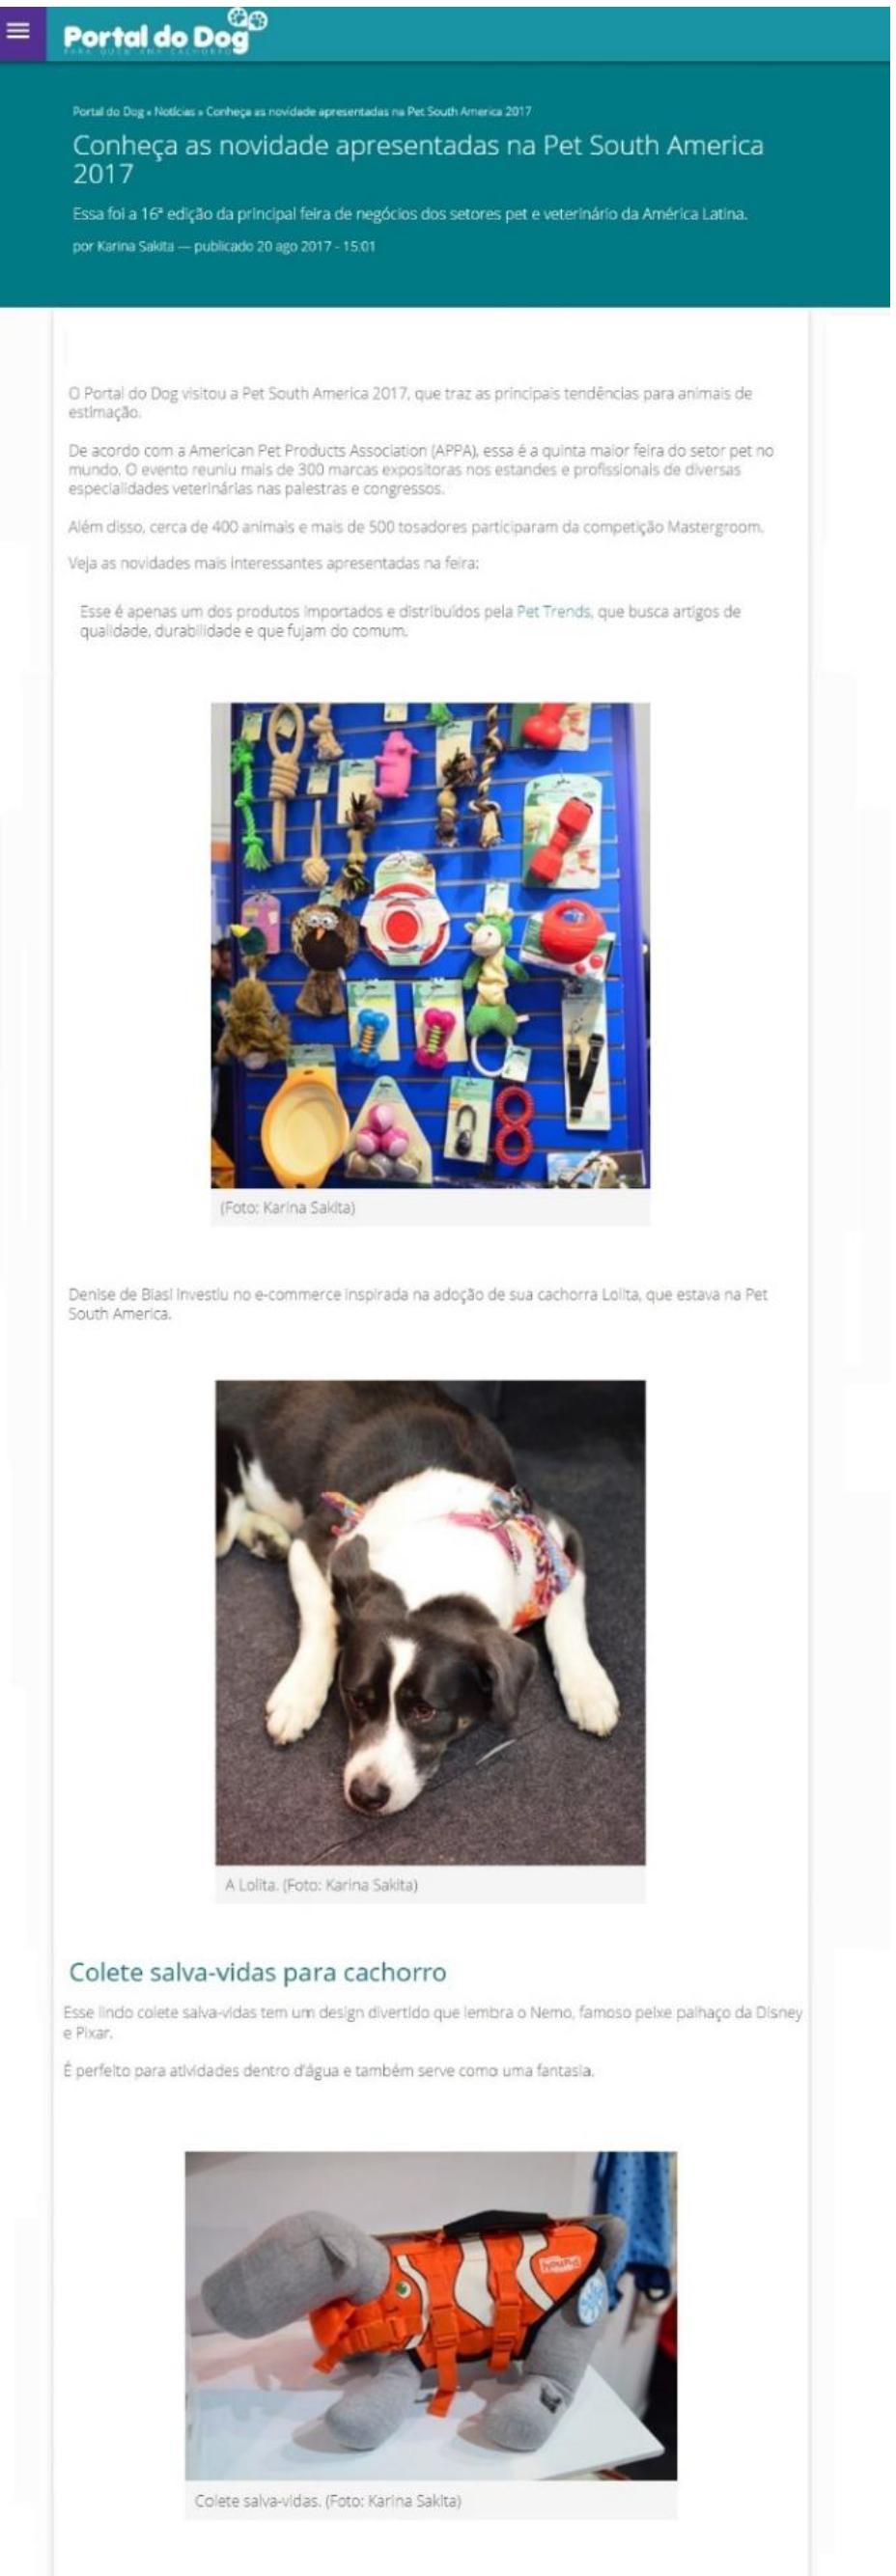 Portal do Dog visita Pet South America e destaca lançamentos Pet Trends